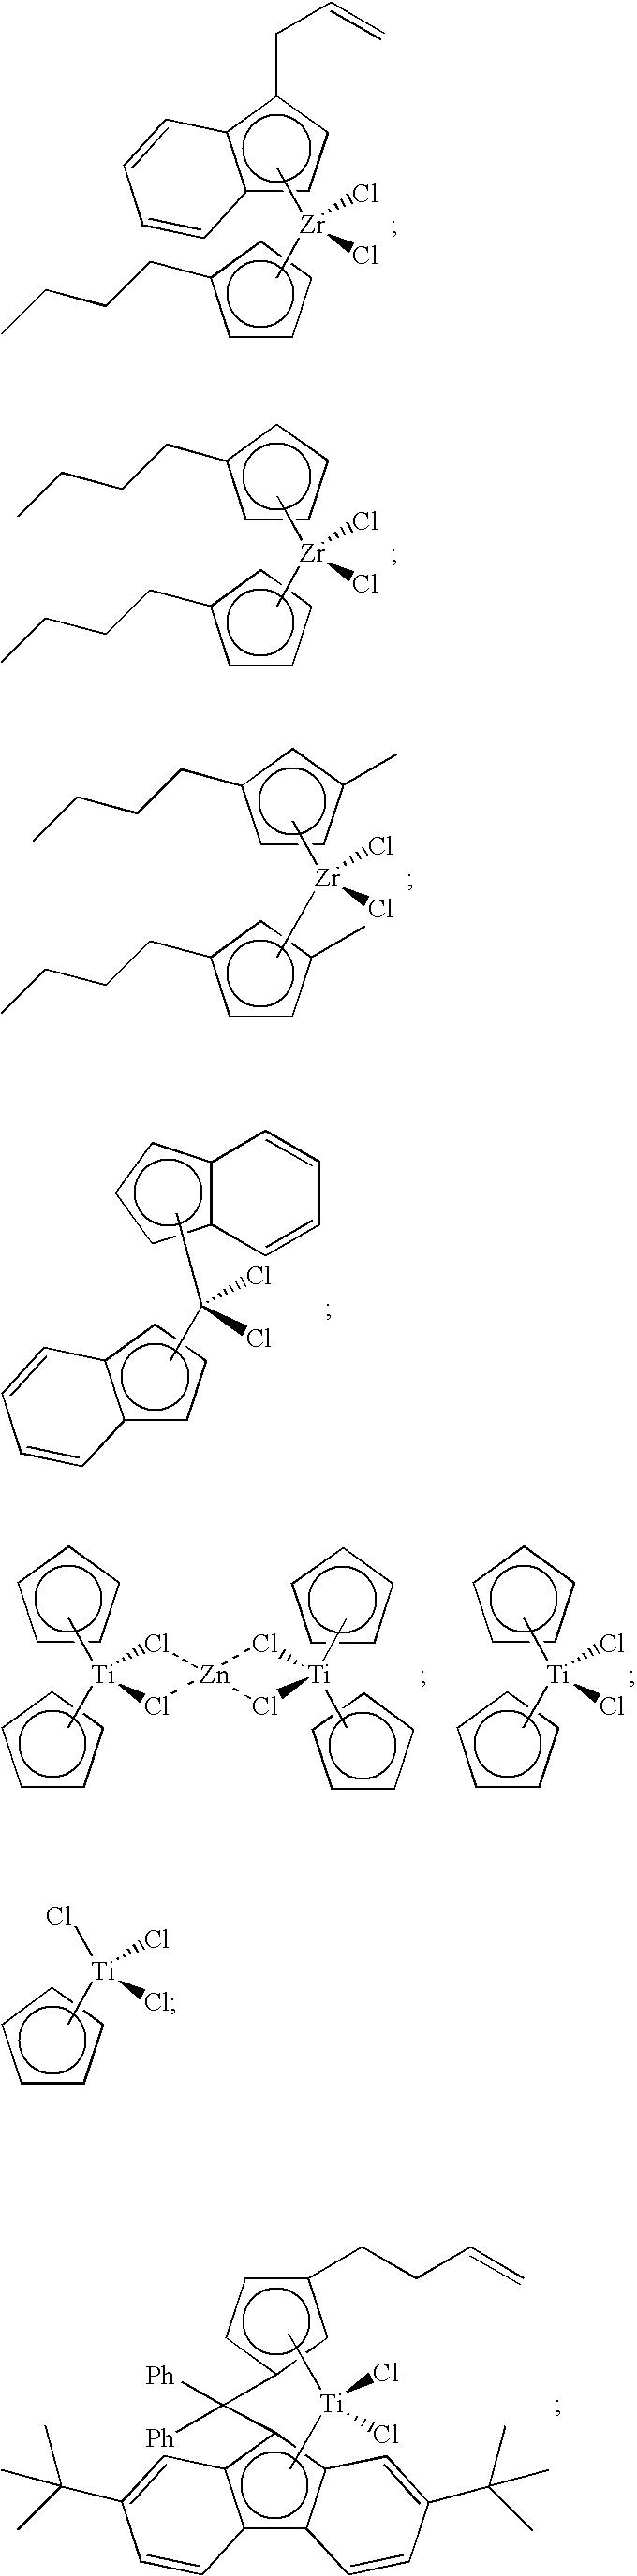 Figure US20100331505A1-20101230-C00043